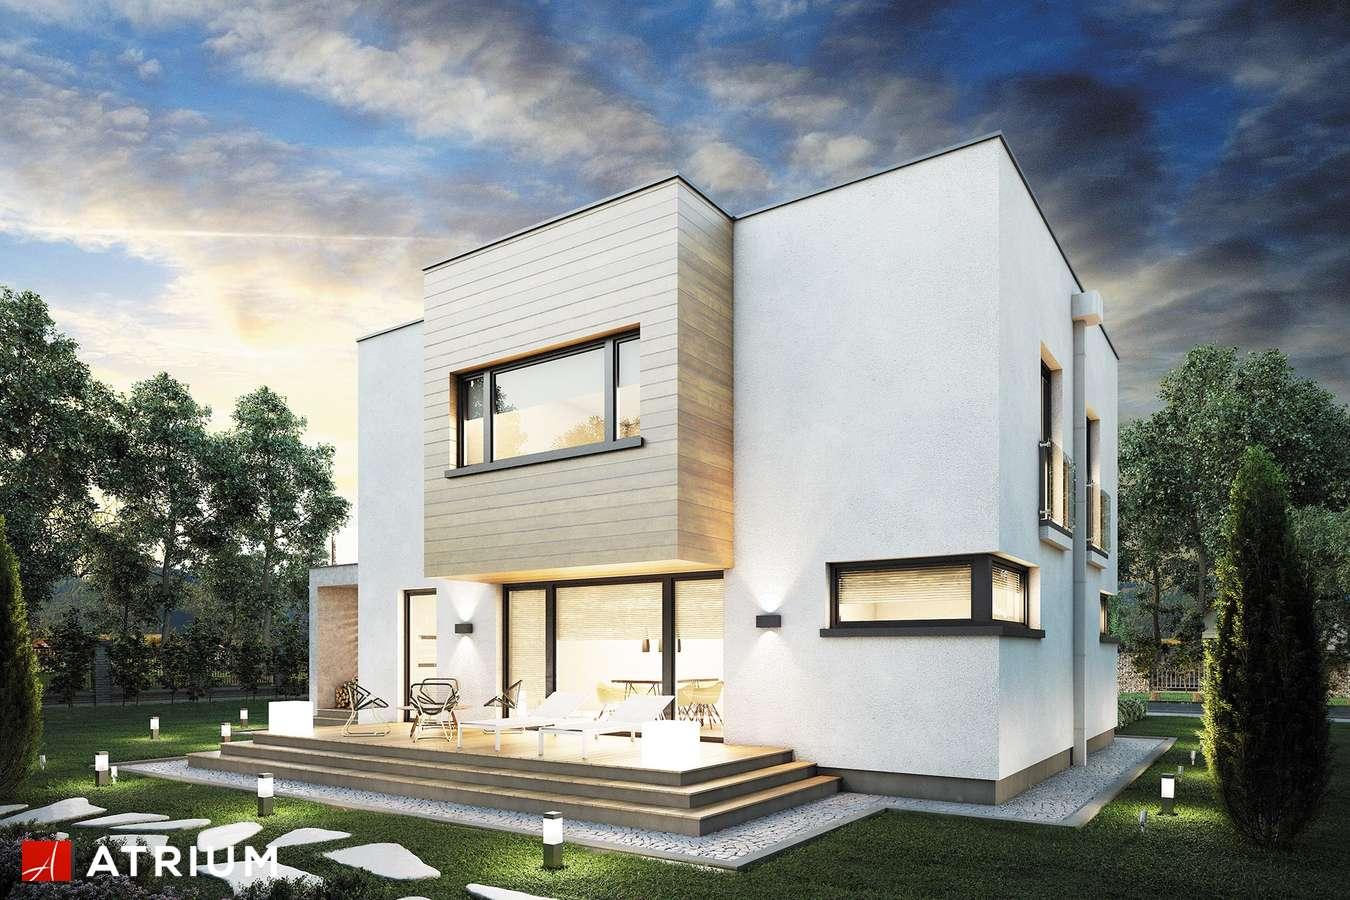 Projekty domów - Projekt domu piętrowego QUBUS II - wizualizacja 2 - wersja lustrzana